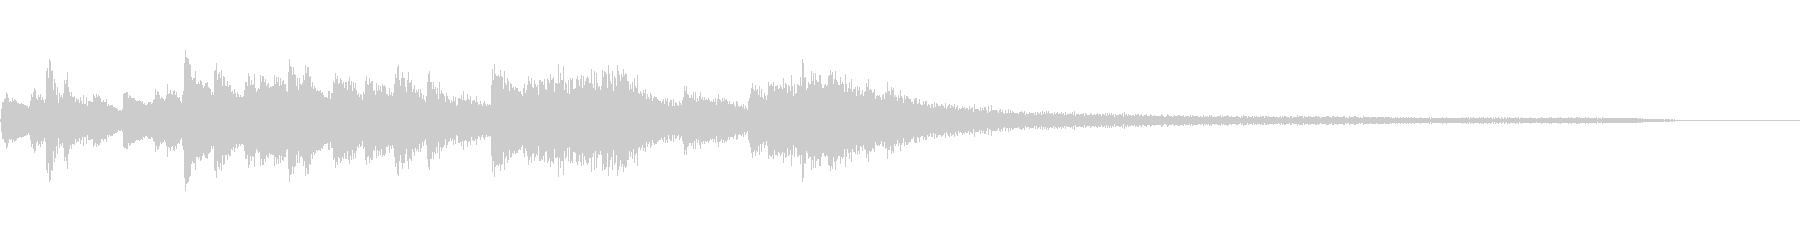 日本舞踊の和風のジングル7-ピアノソロの未再生の波形